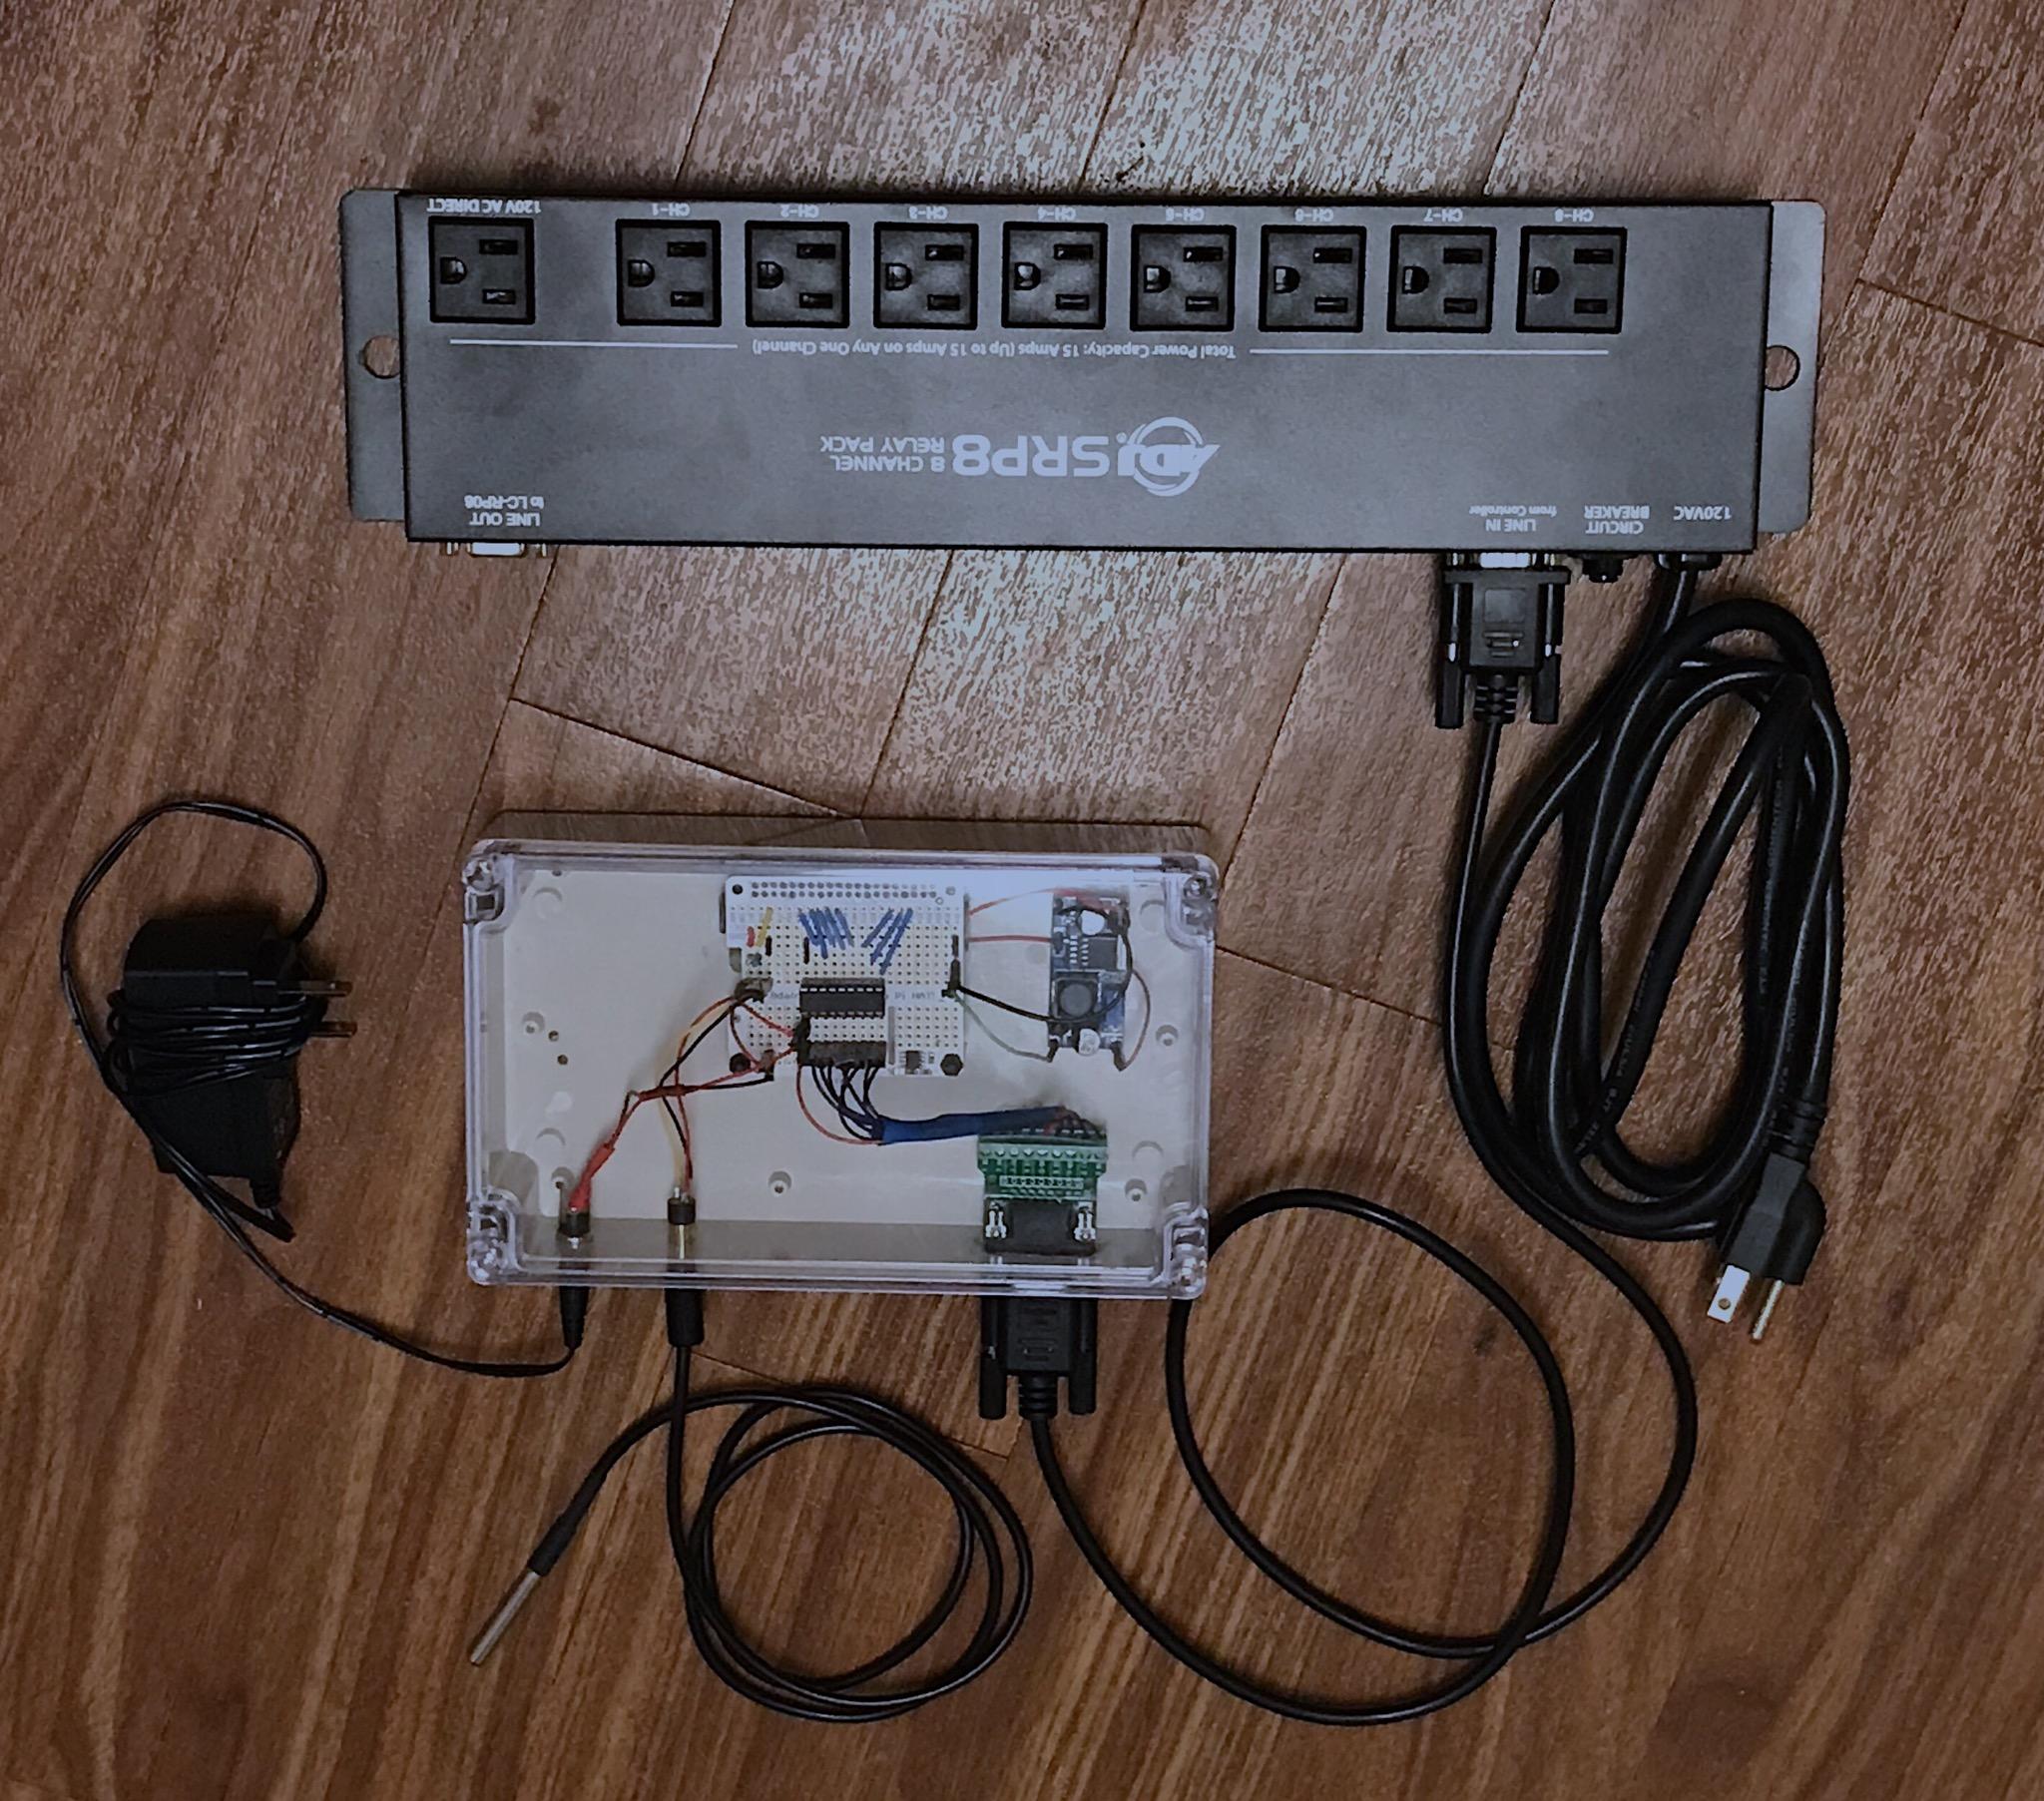 sensors_3FBFC80C-E5E6-49F4-8138-0D02EB91C04E.jpeg